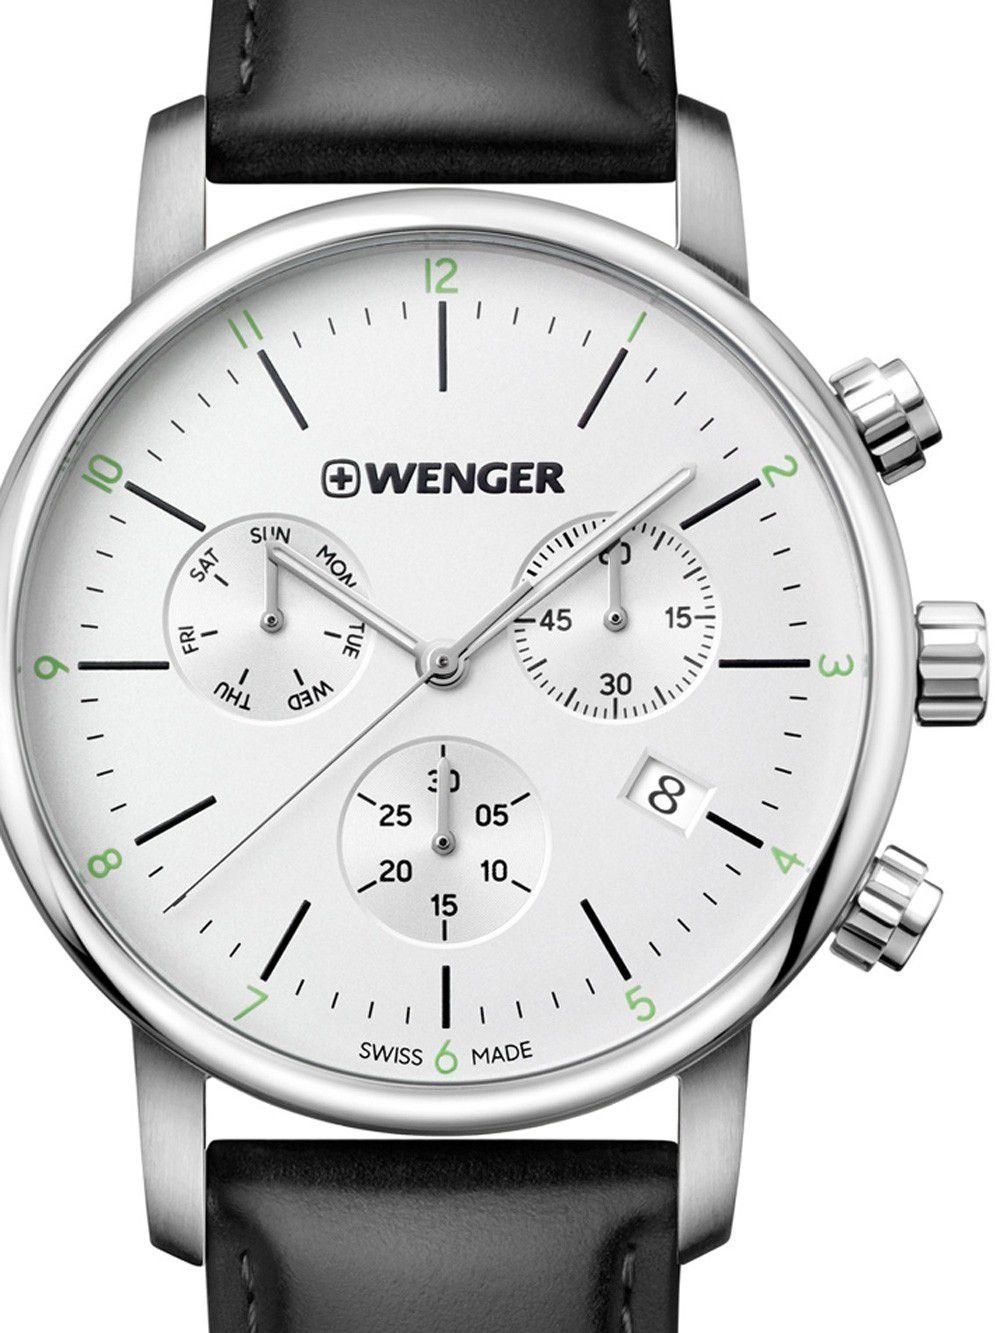 Relógio de Pulso social suíço Wenger Urban Classic Chrono 44mm 01.1743.118  - Mix Eletro